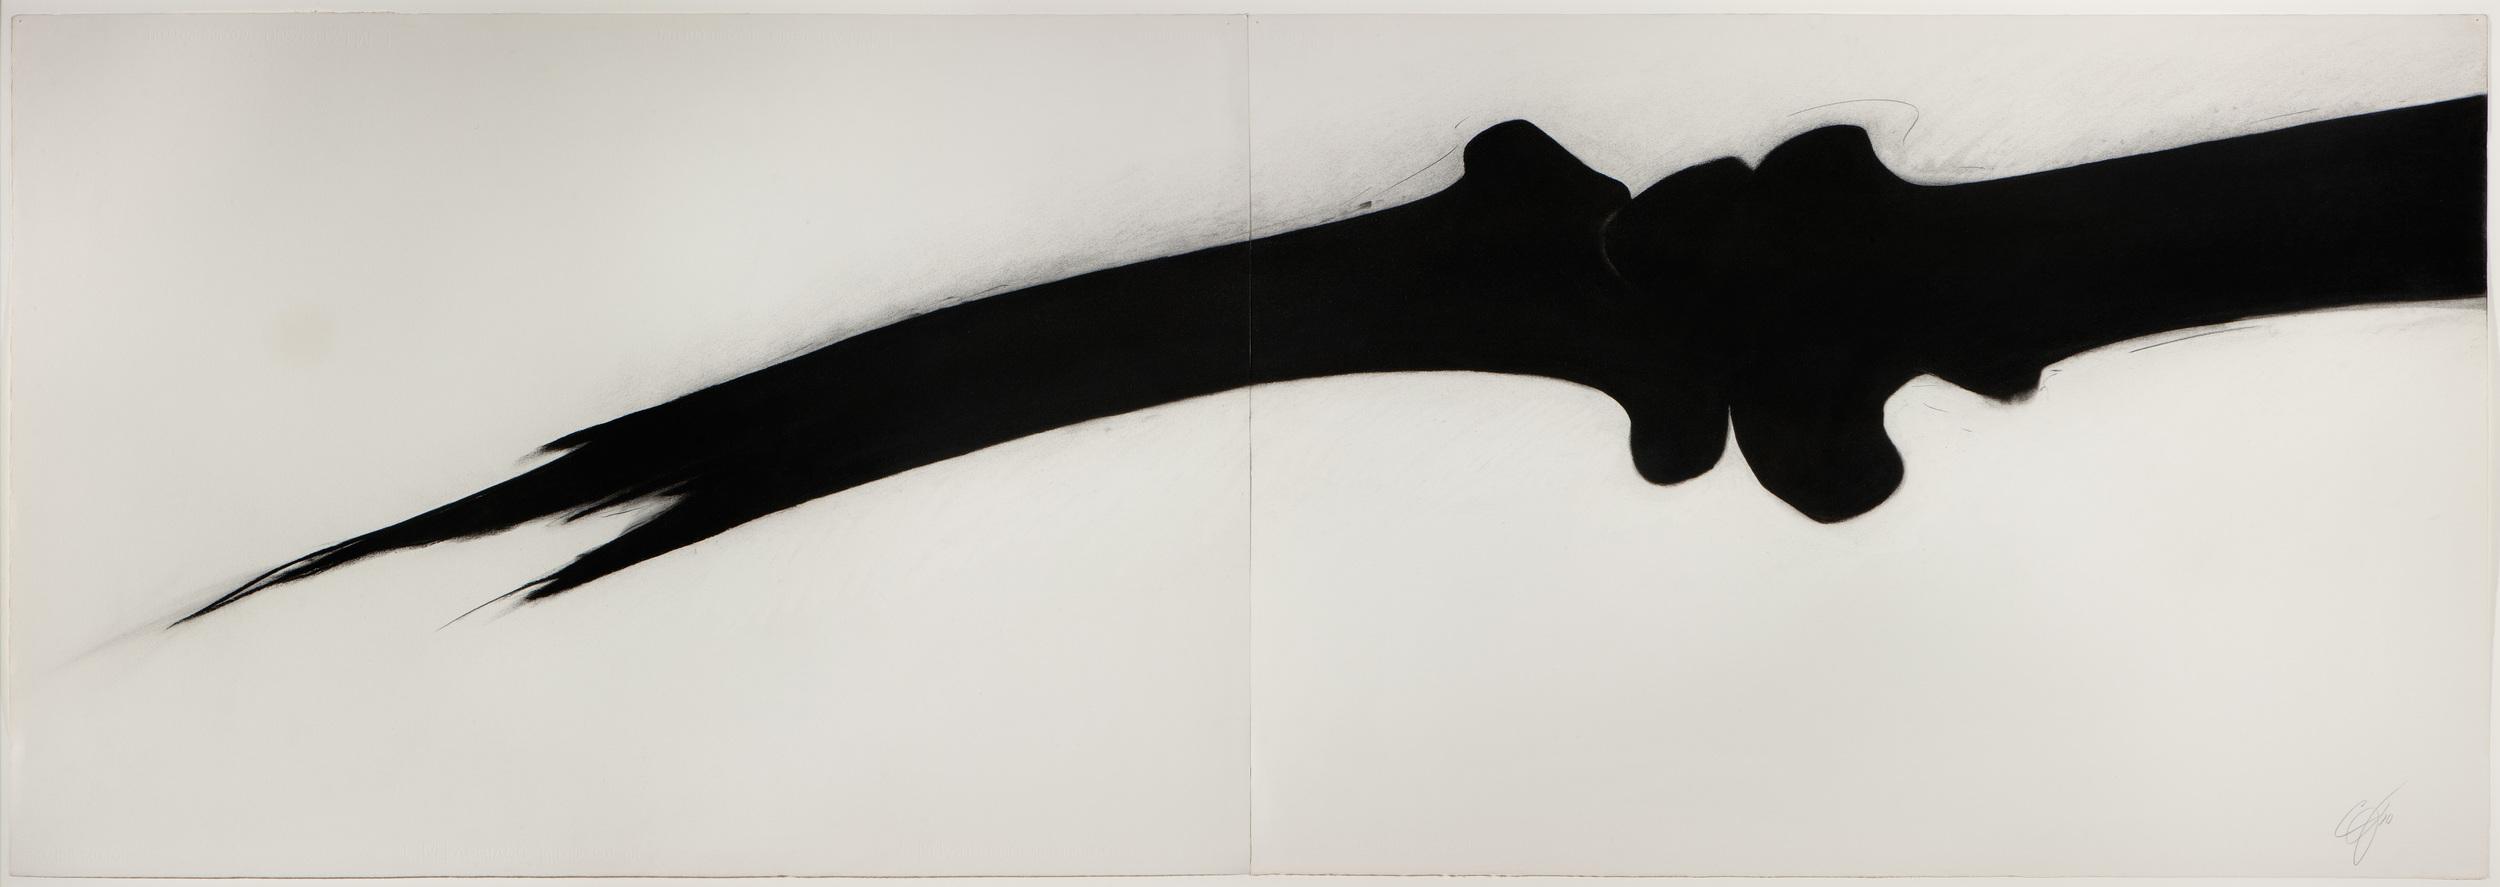 Carbon Black #5